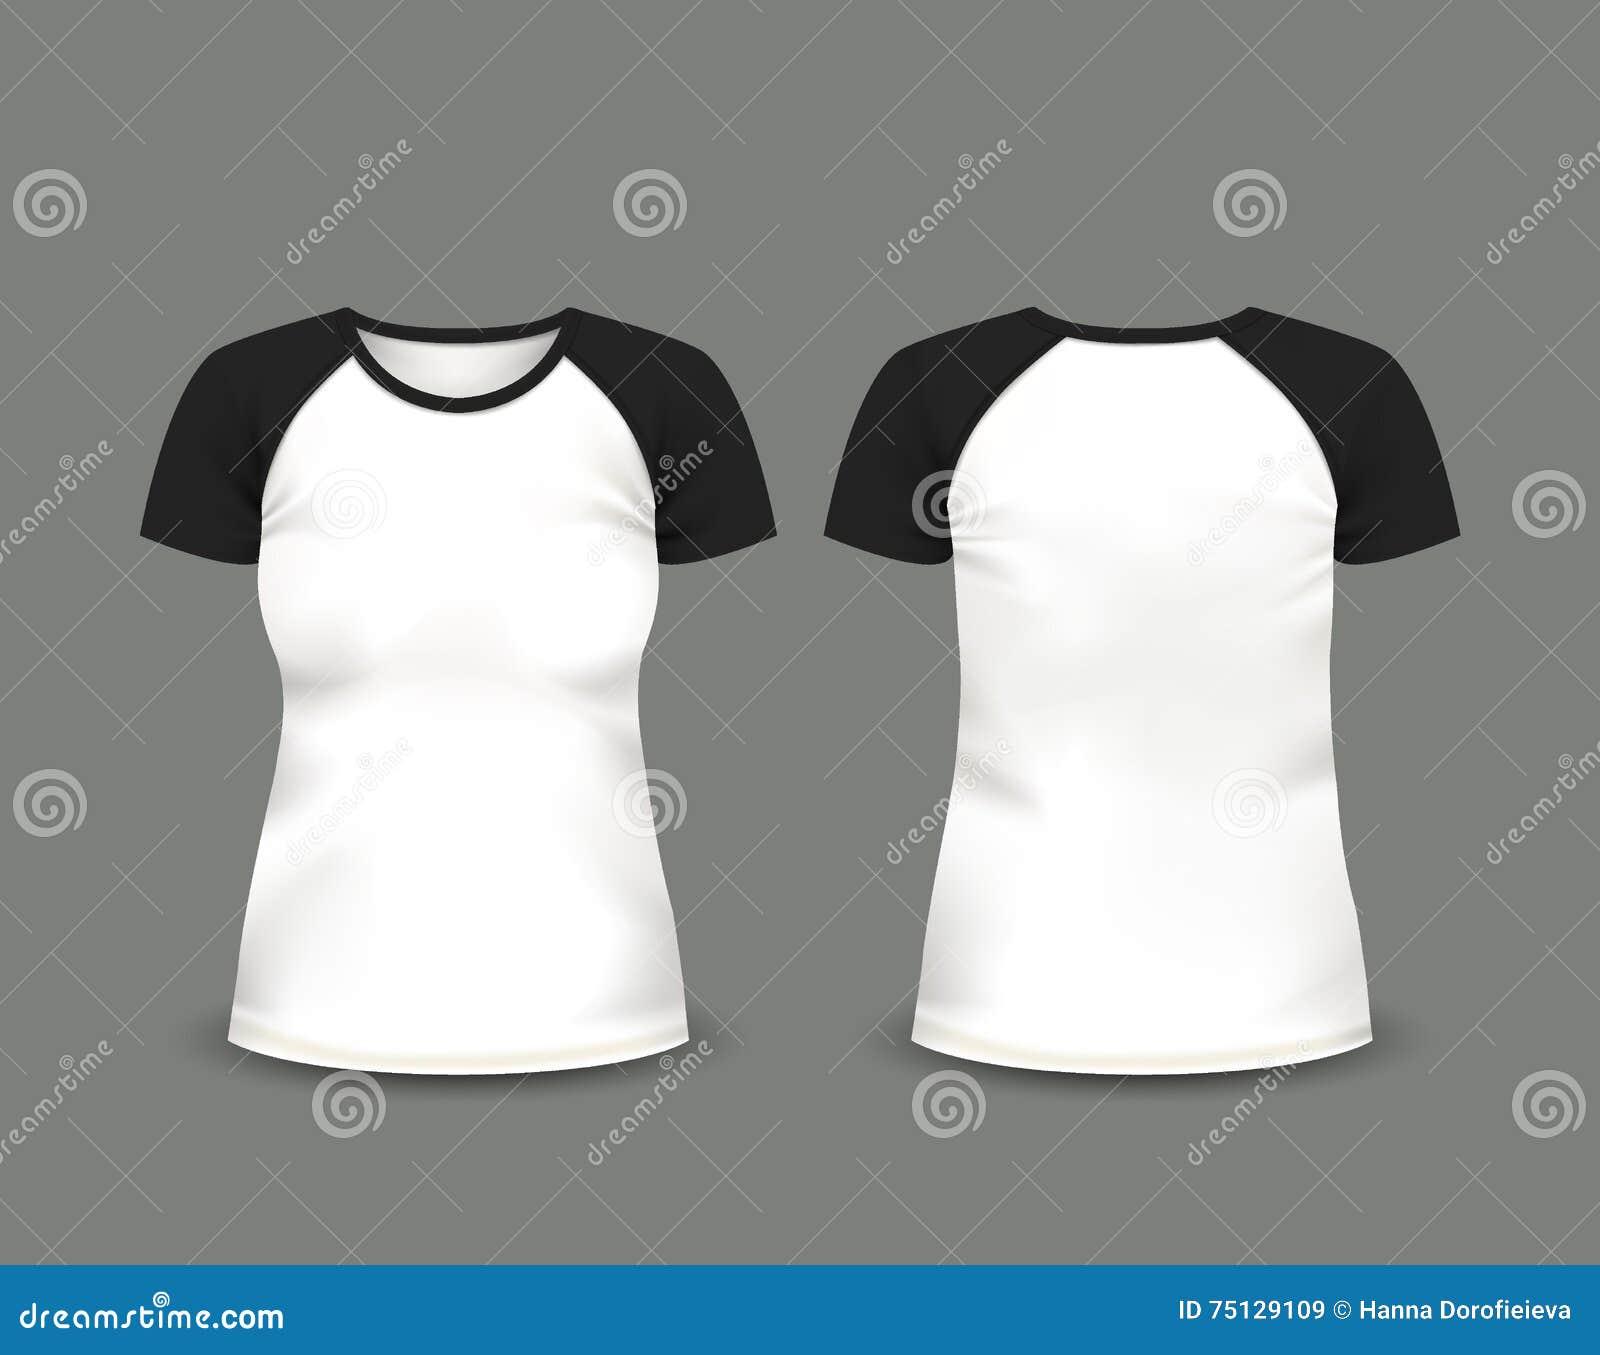 妇女的在前面和后面看法的套袖大衣T恤杉 边界月桂树离开橡木丝带模板向量 充分地编辑可能的手工制造滤网